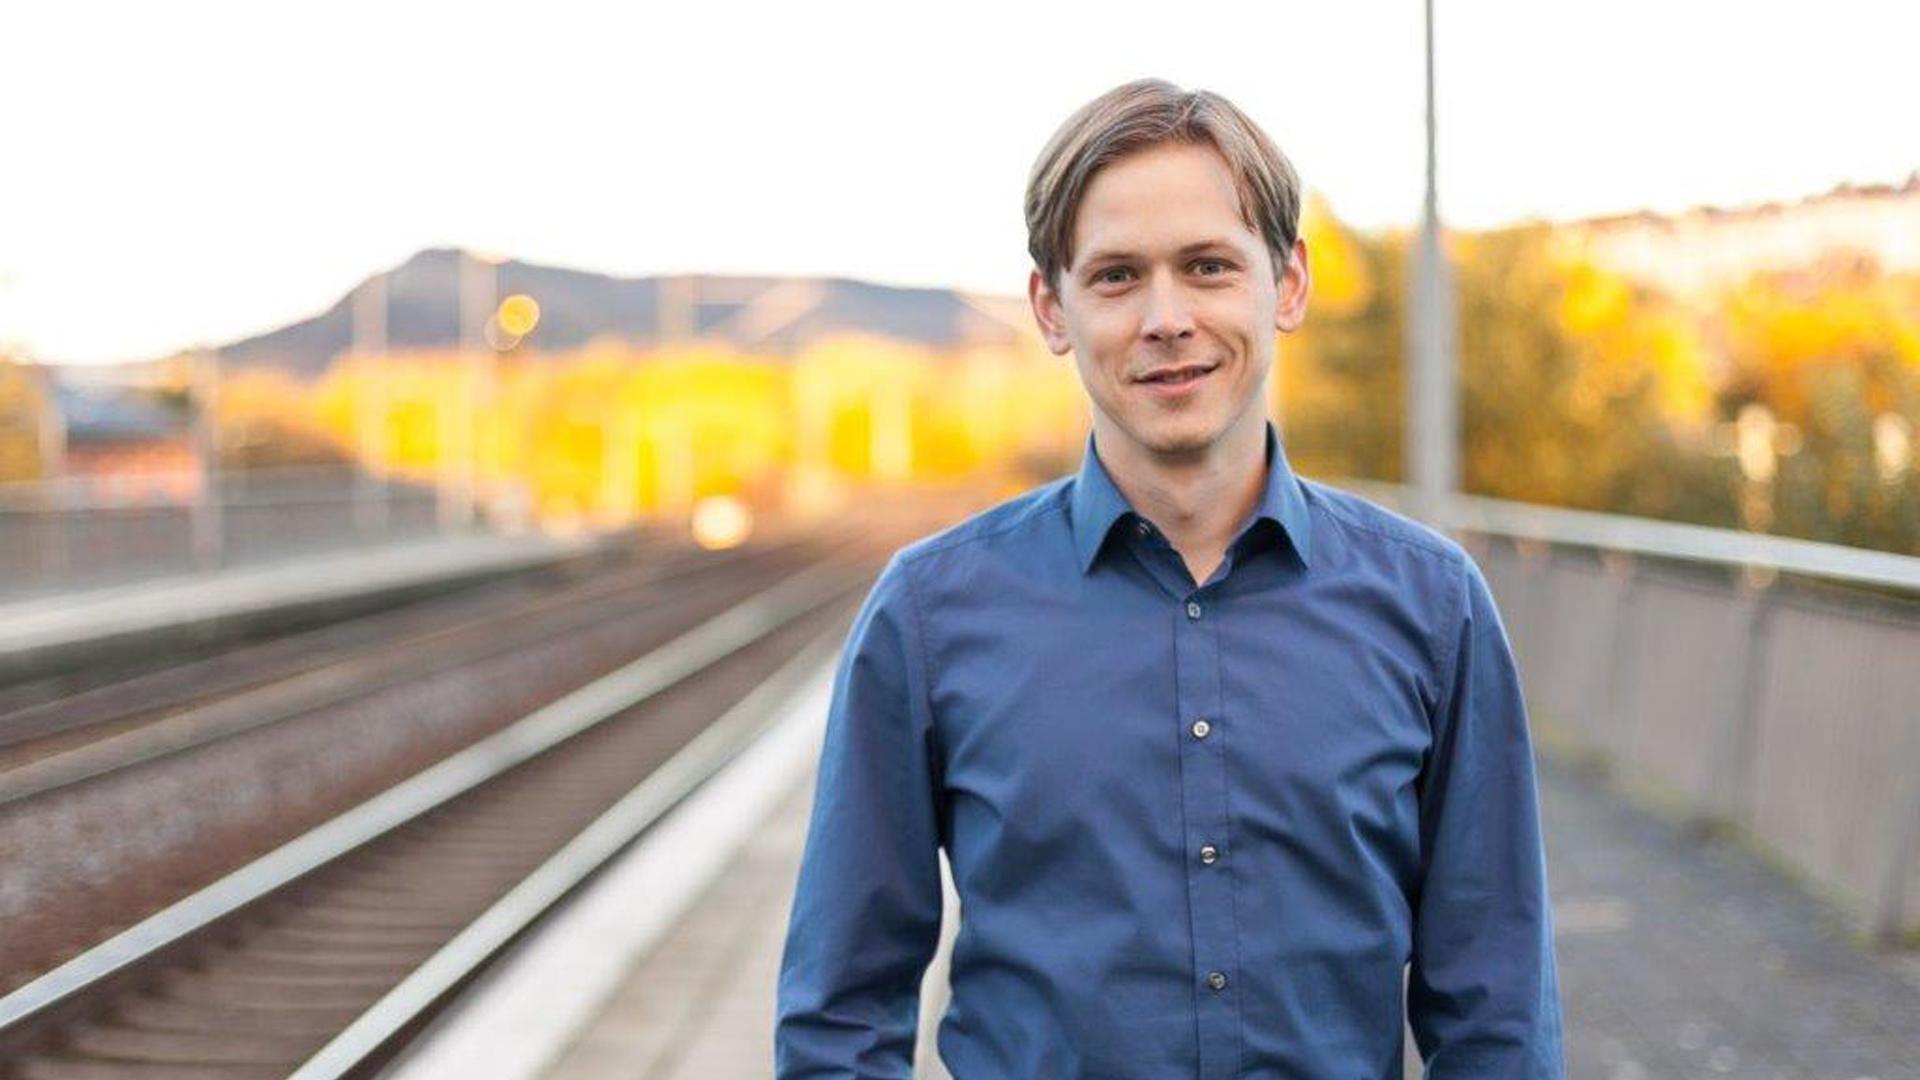 Grünen-Bundestagskandidat Heiko Knopf fordert zweigleisigen Ausbau der Mitte-Deutschland-Verbindung